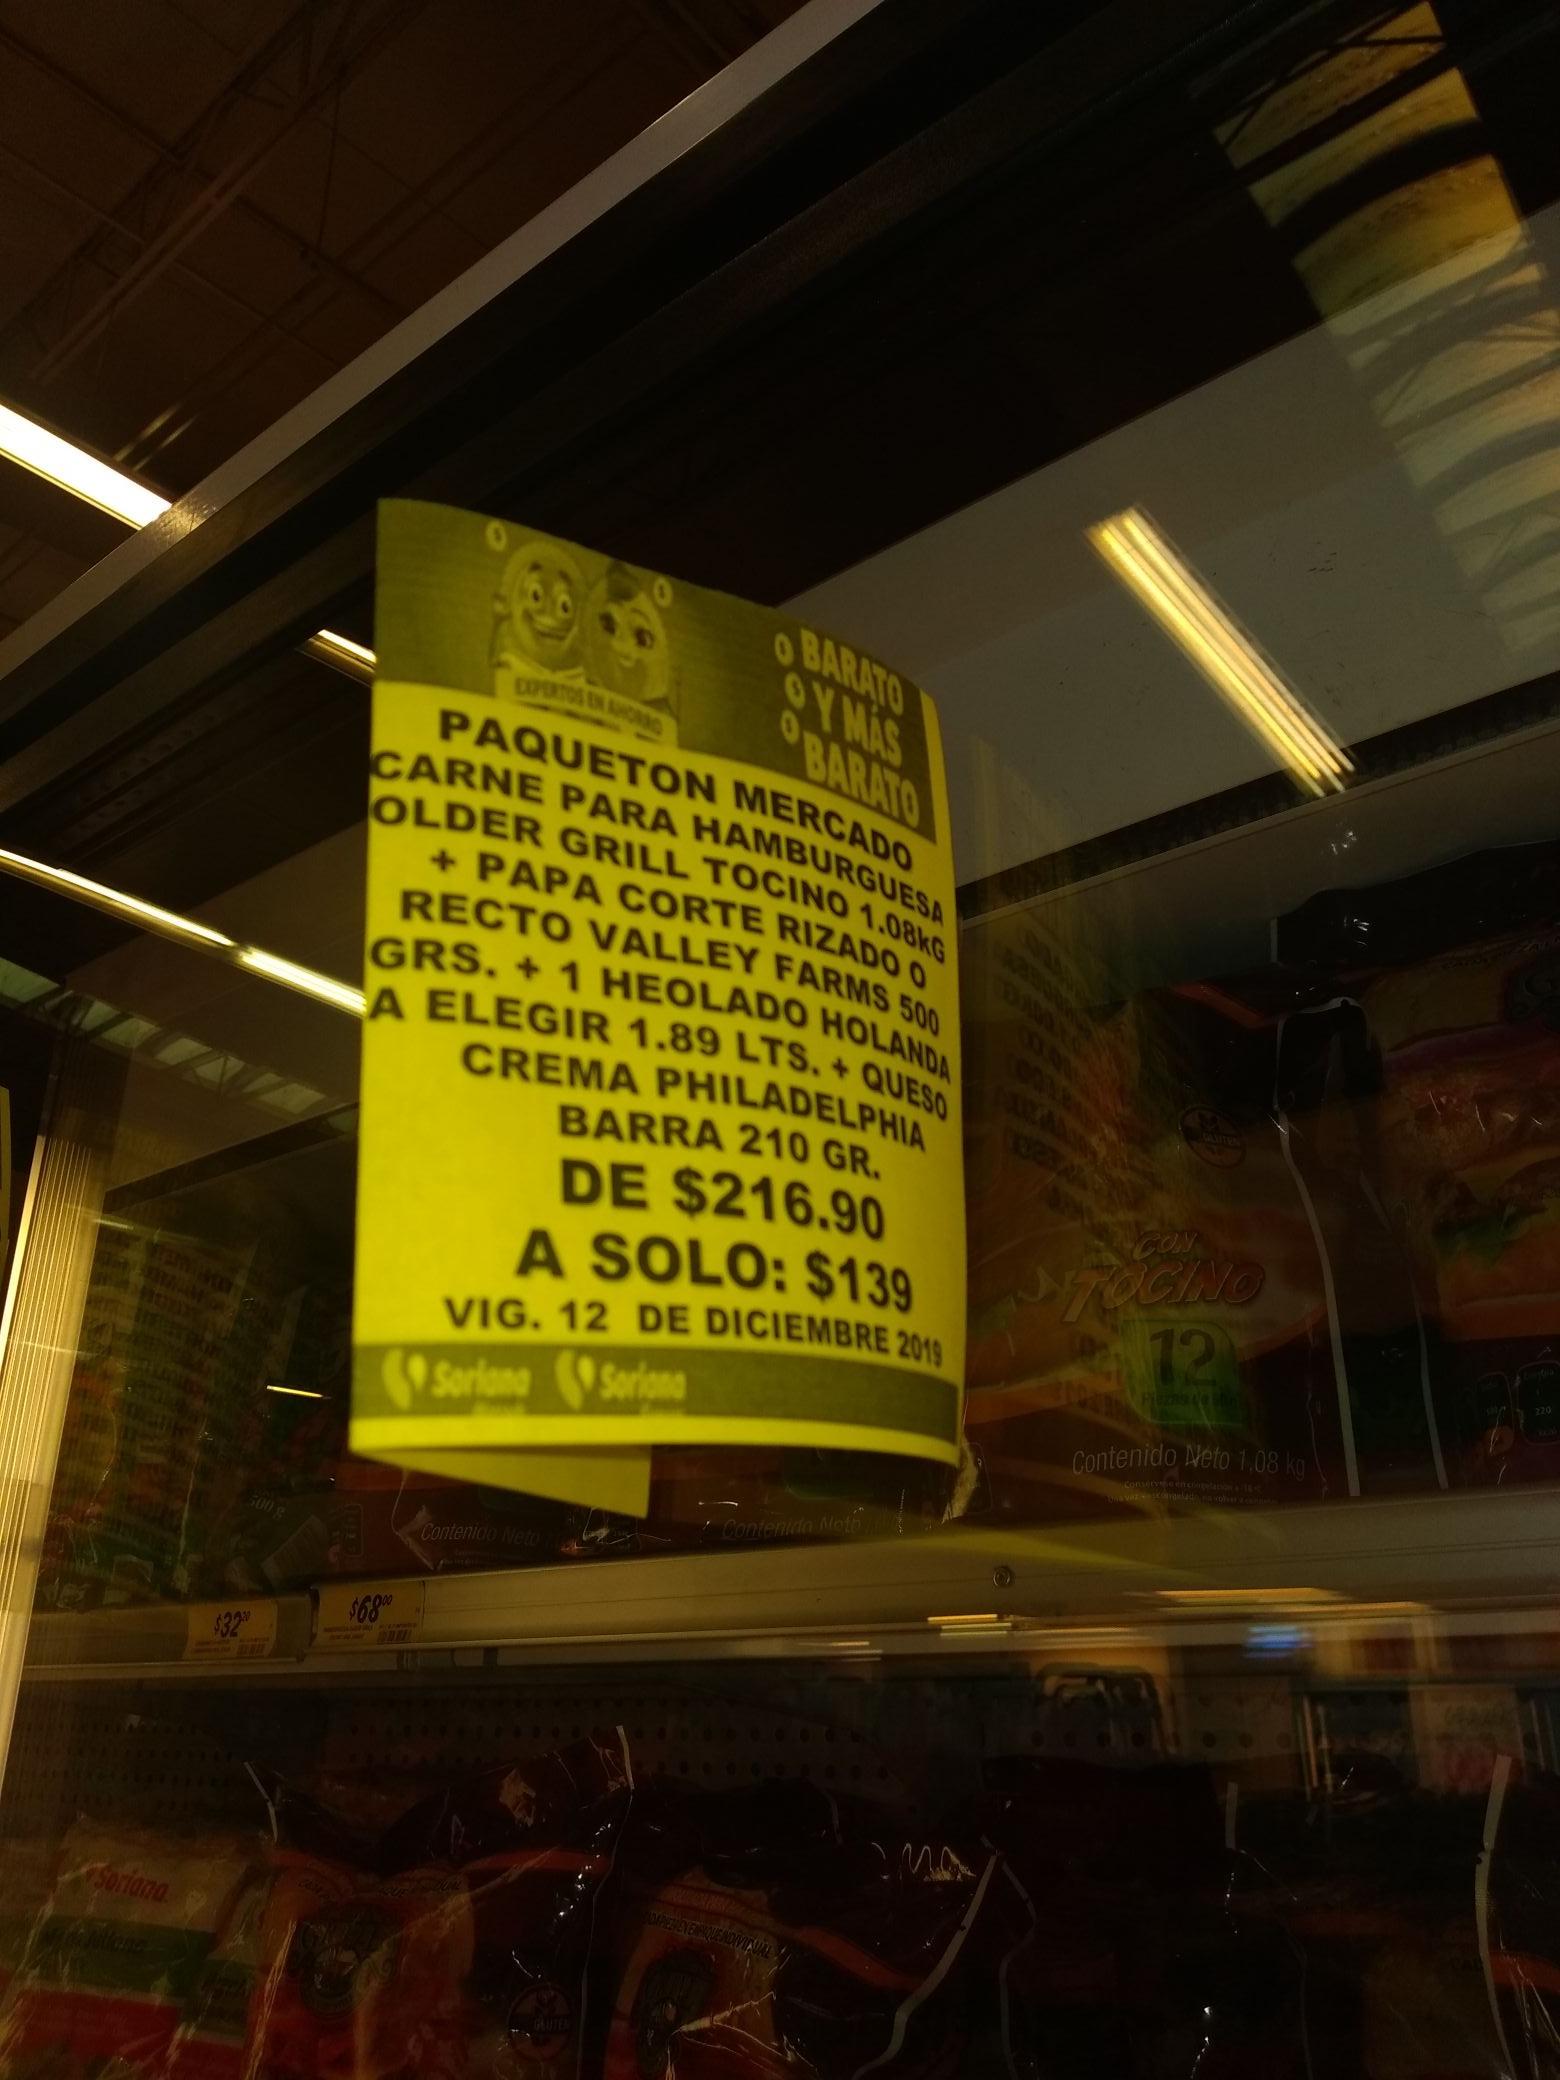 Soriana: Paqueton hamburguesa